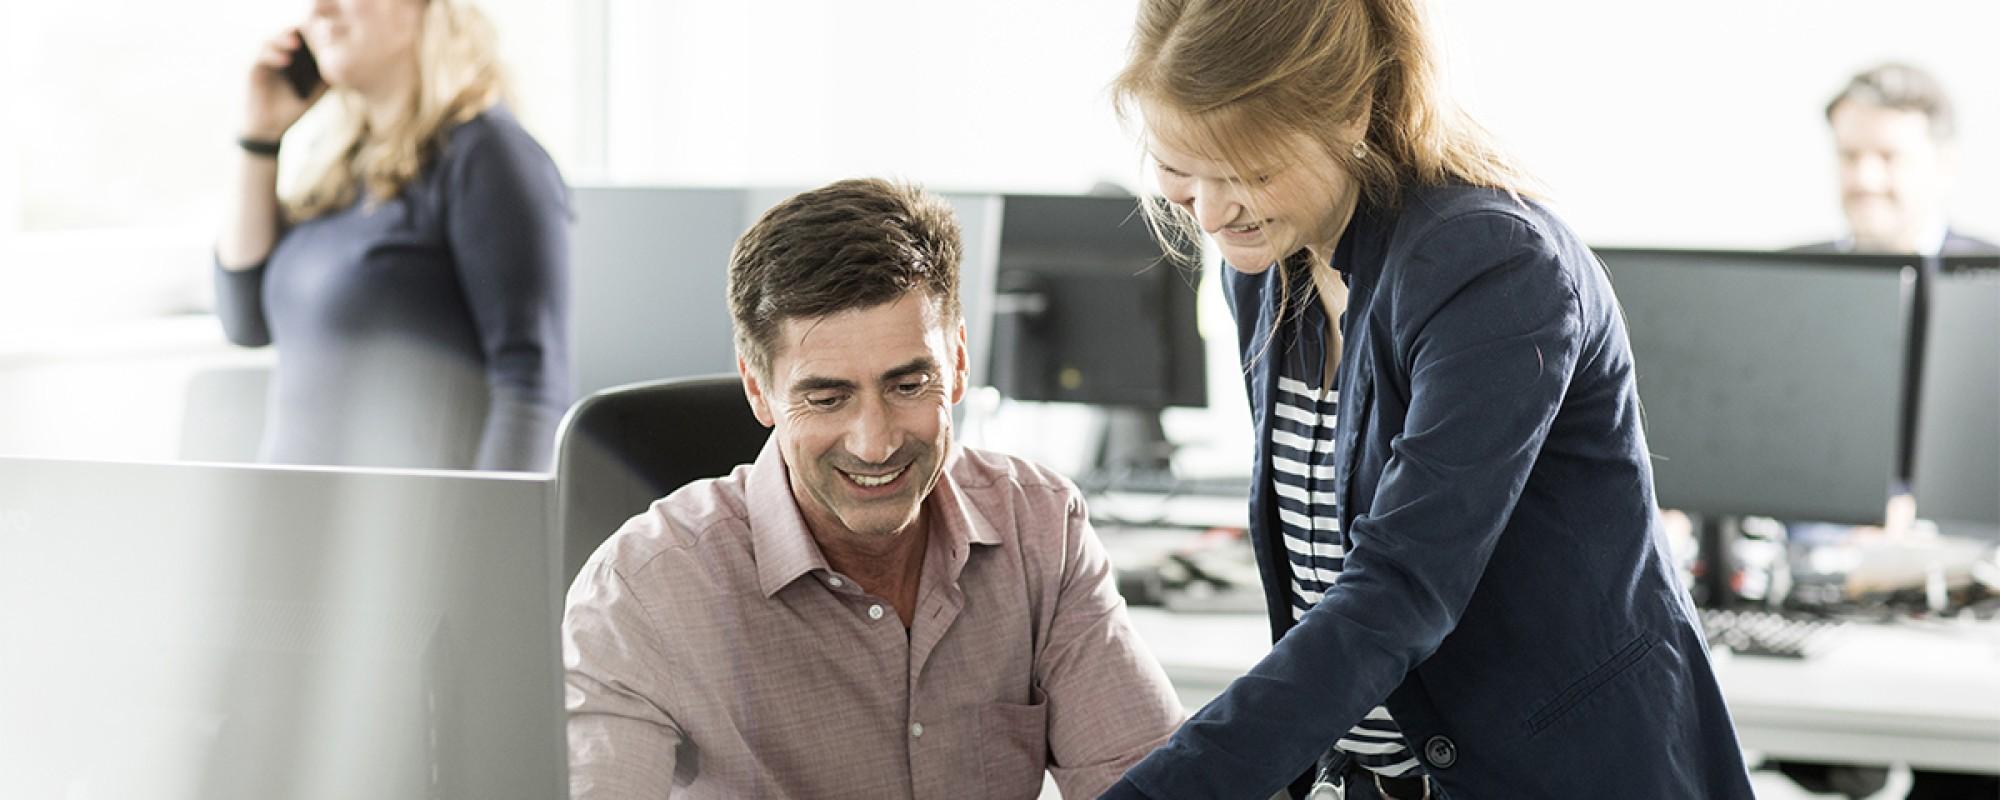 Ein Mann und eine Frau welche zusammen an einem iPad arbeiten. Im Hintergrund arbeiten zwei Menschen.